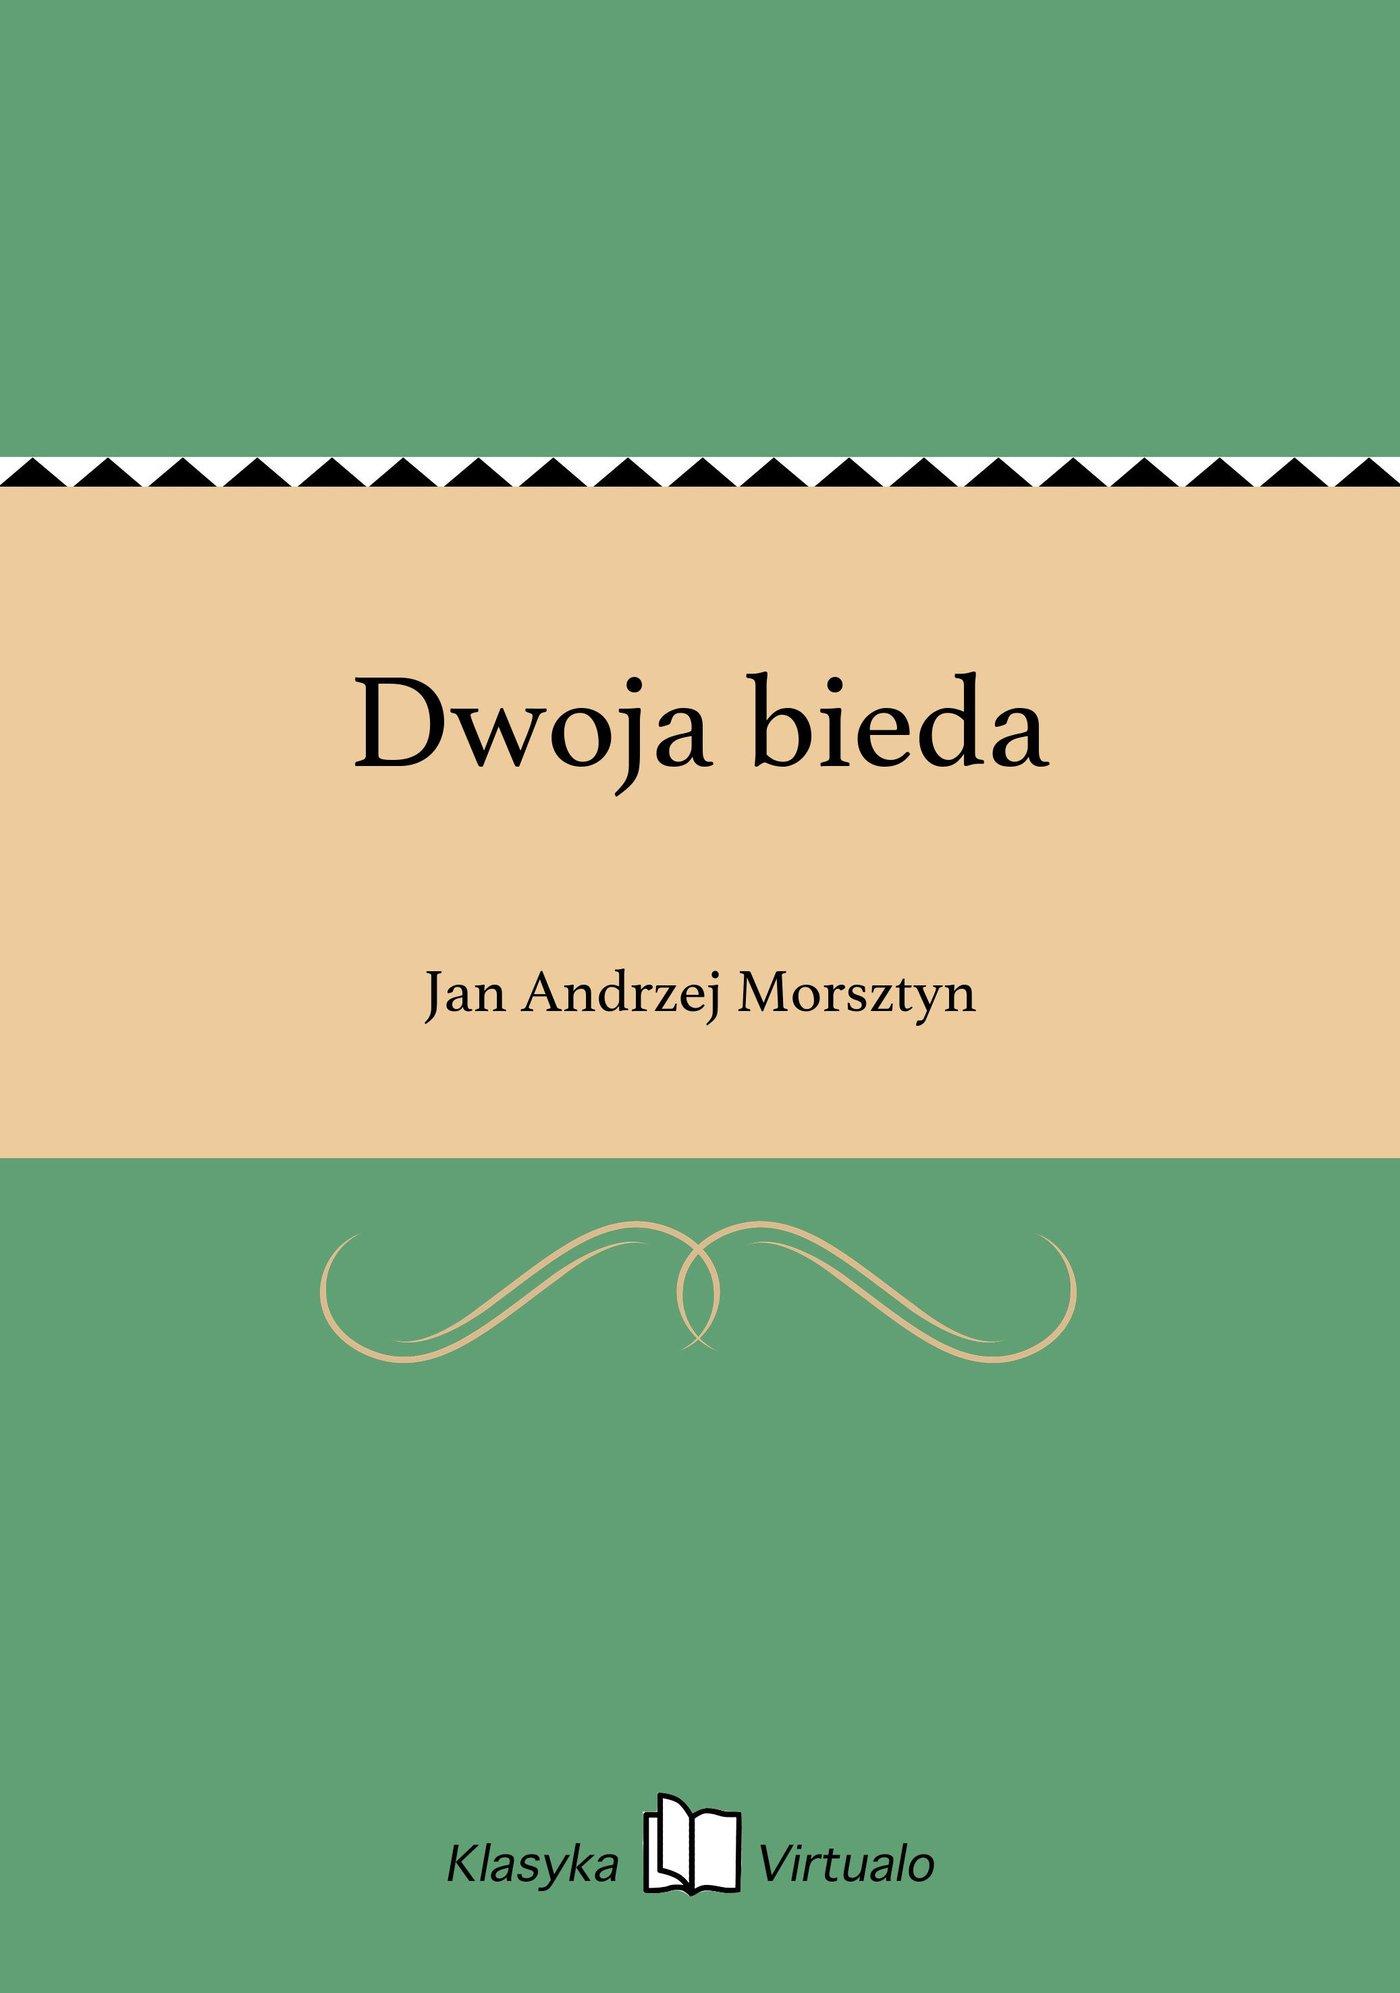 Dwoja bieda - Ebook (Książka EPUB) do pobrania w formacie EPUB